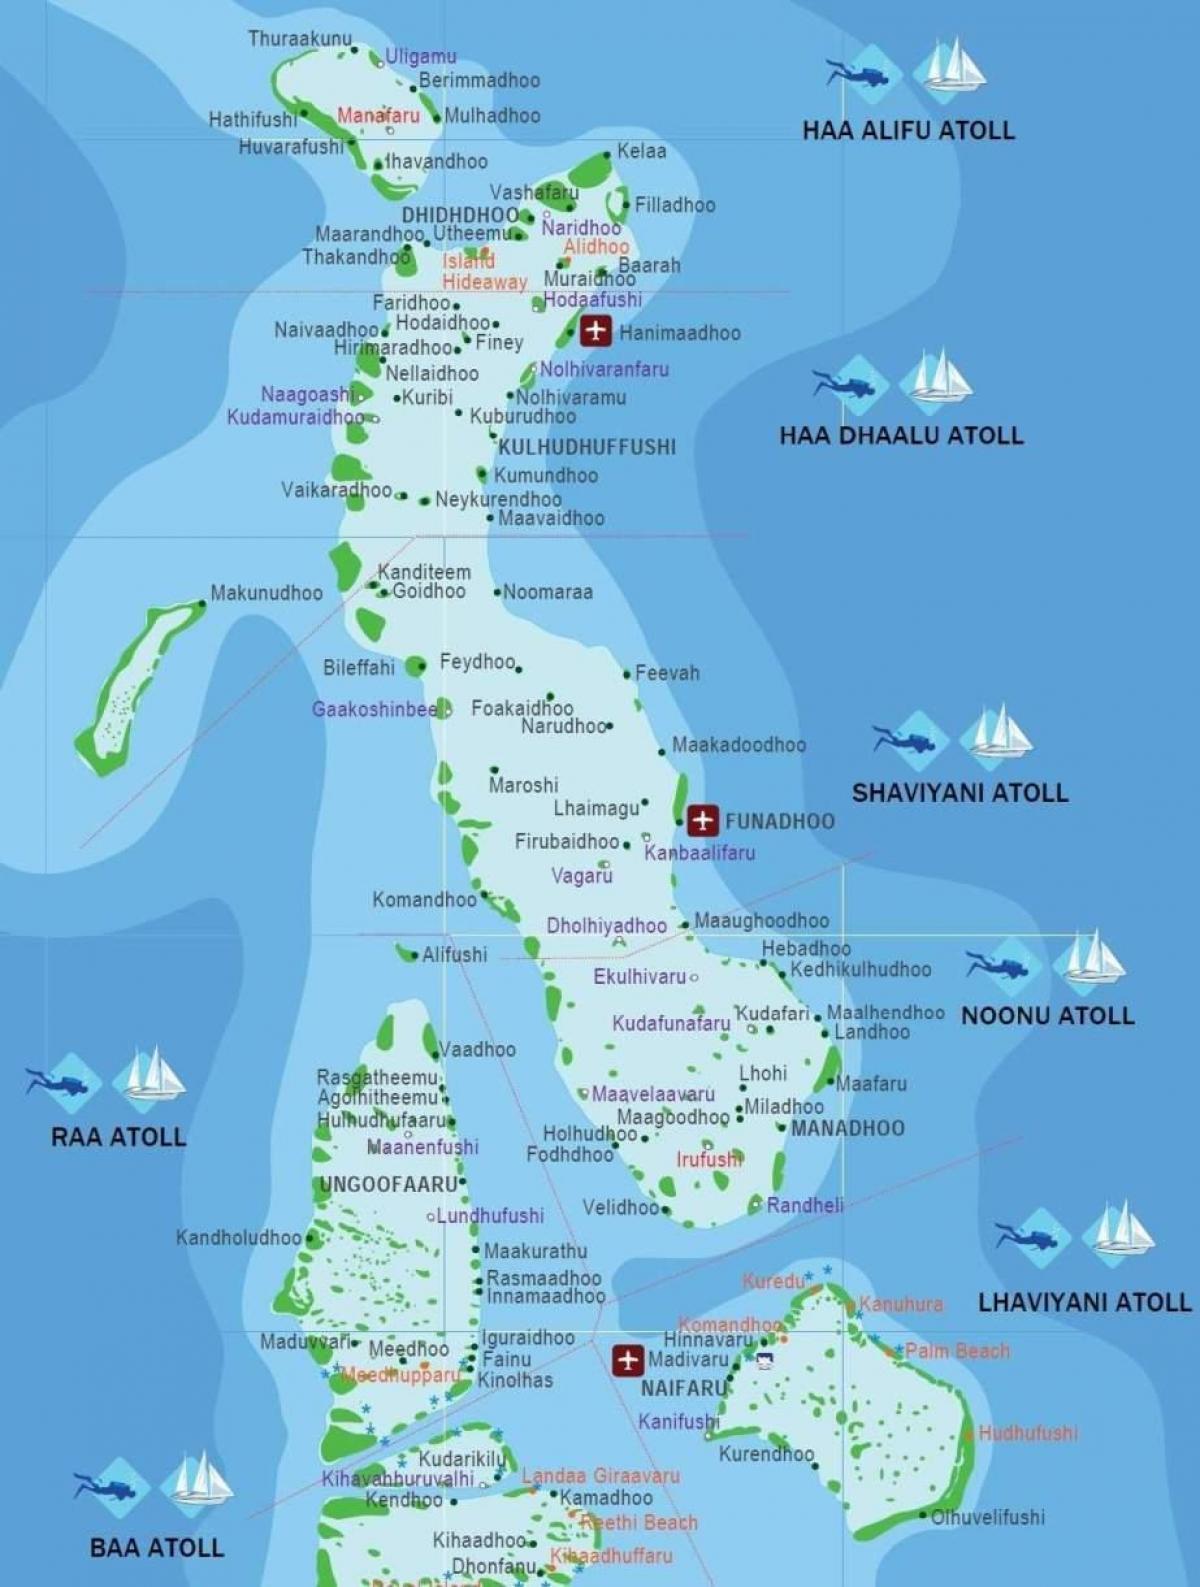 Maldives On Map Of Asia.Maldives Beach Map Map Of Maldives Beach Southern Asia Asia